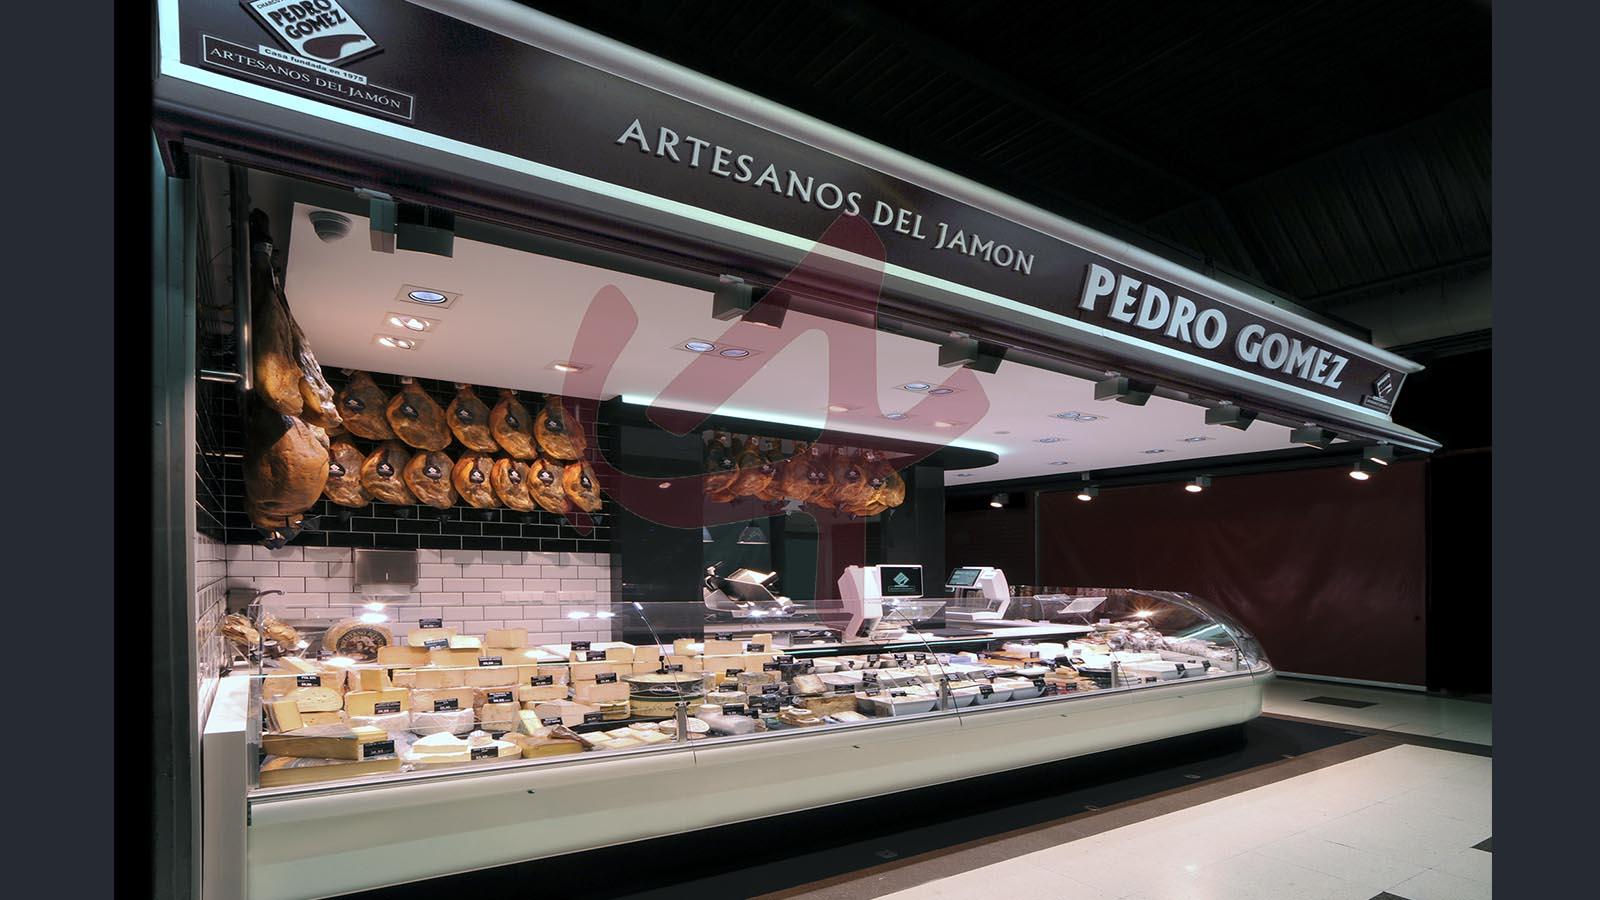 Artesanos del Jamón Pedro Gómez